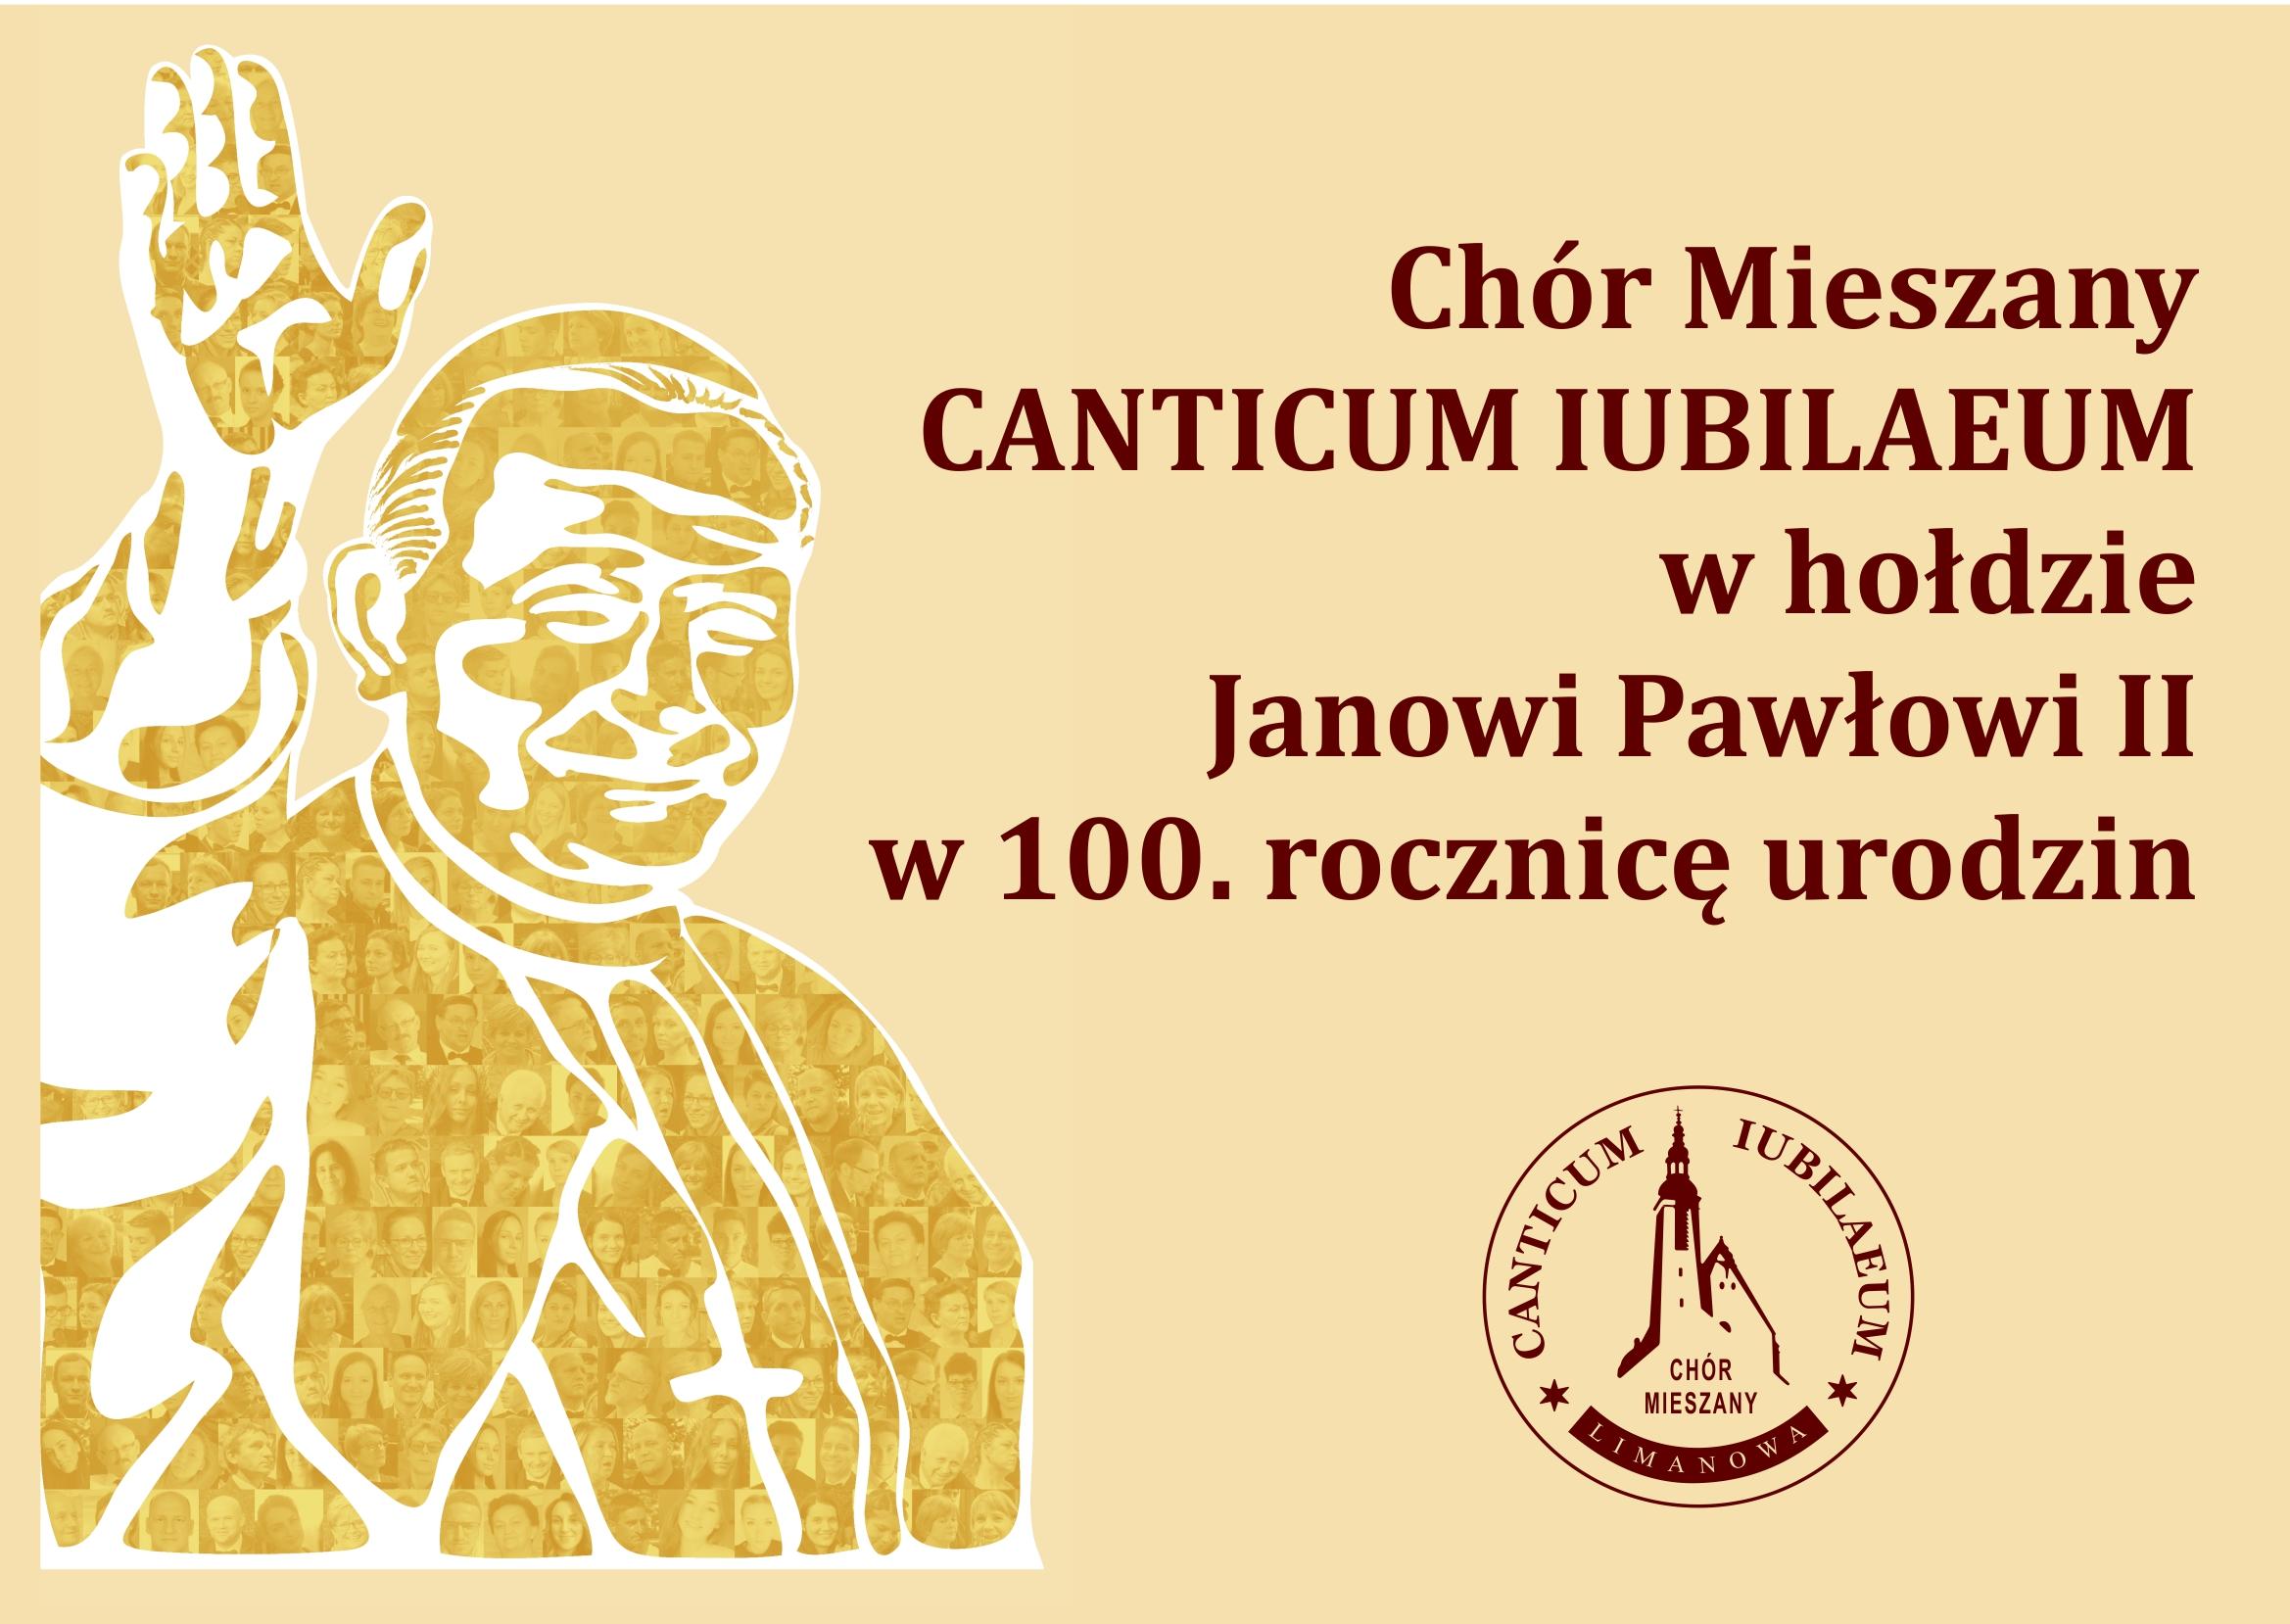 Chór mieszany Canticum Iubilaeum w hołdzie Janowi Pawłowi II w 100. rocznice urodzin- plakat